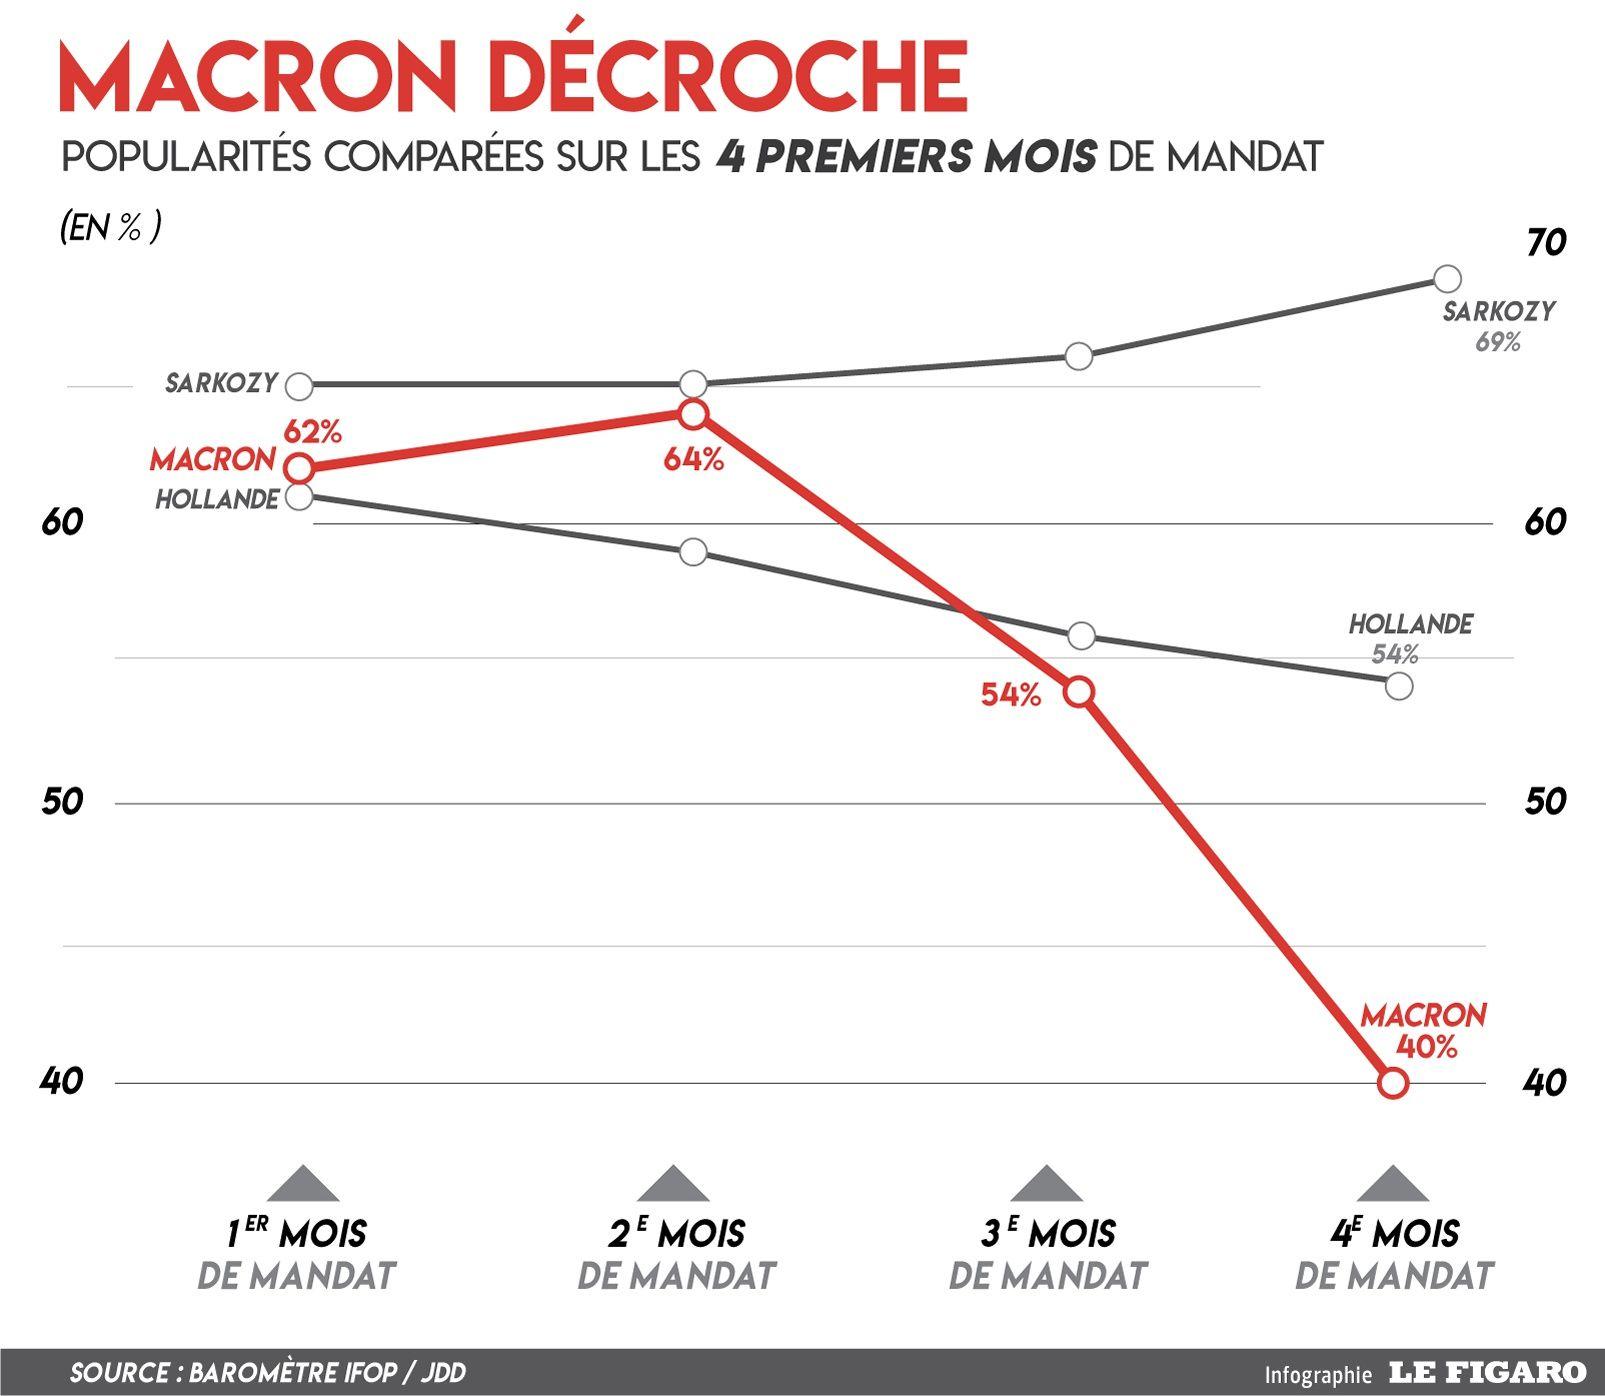 derniers sondages concernant macron